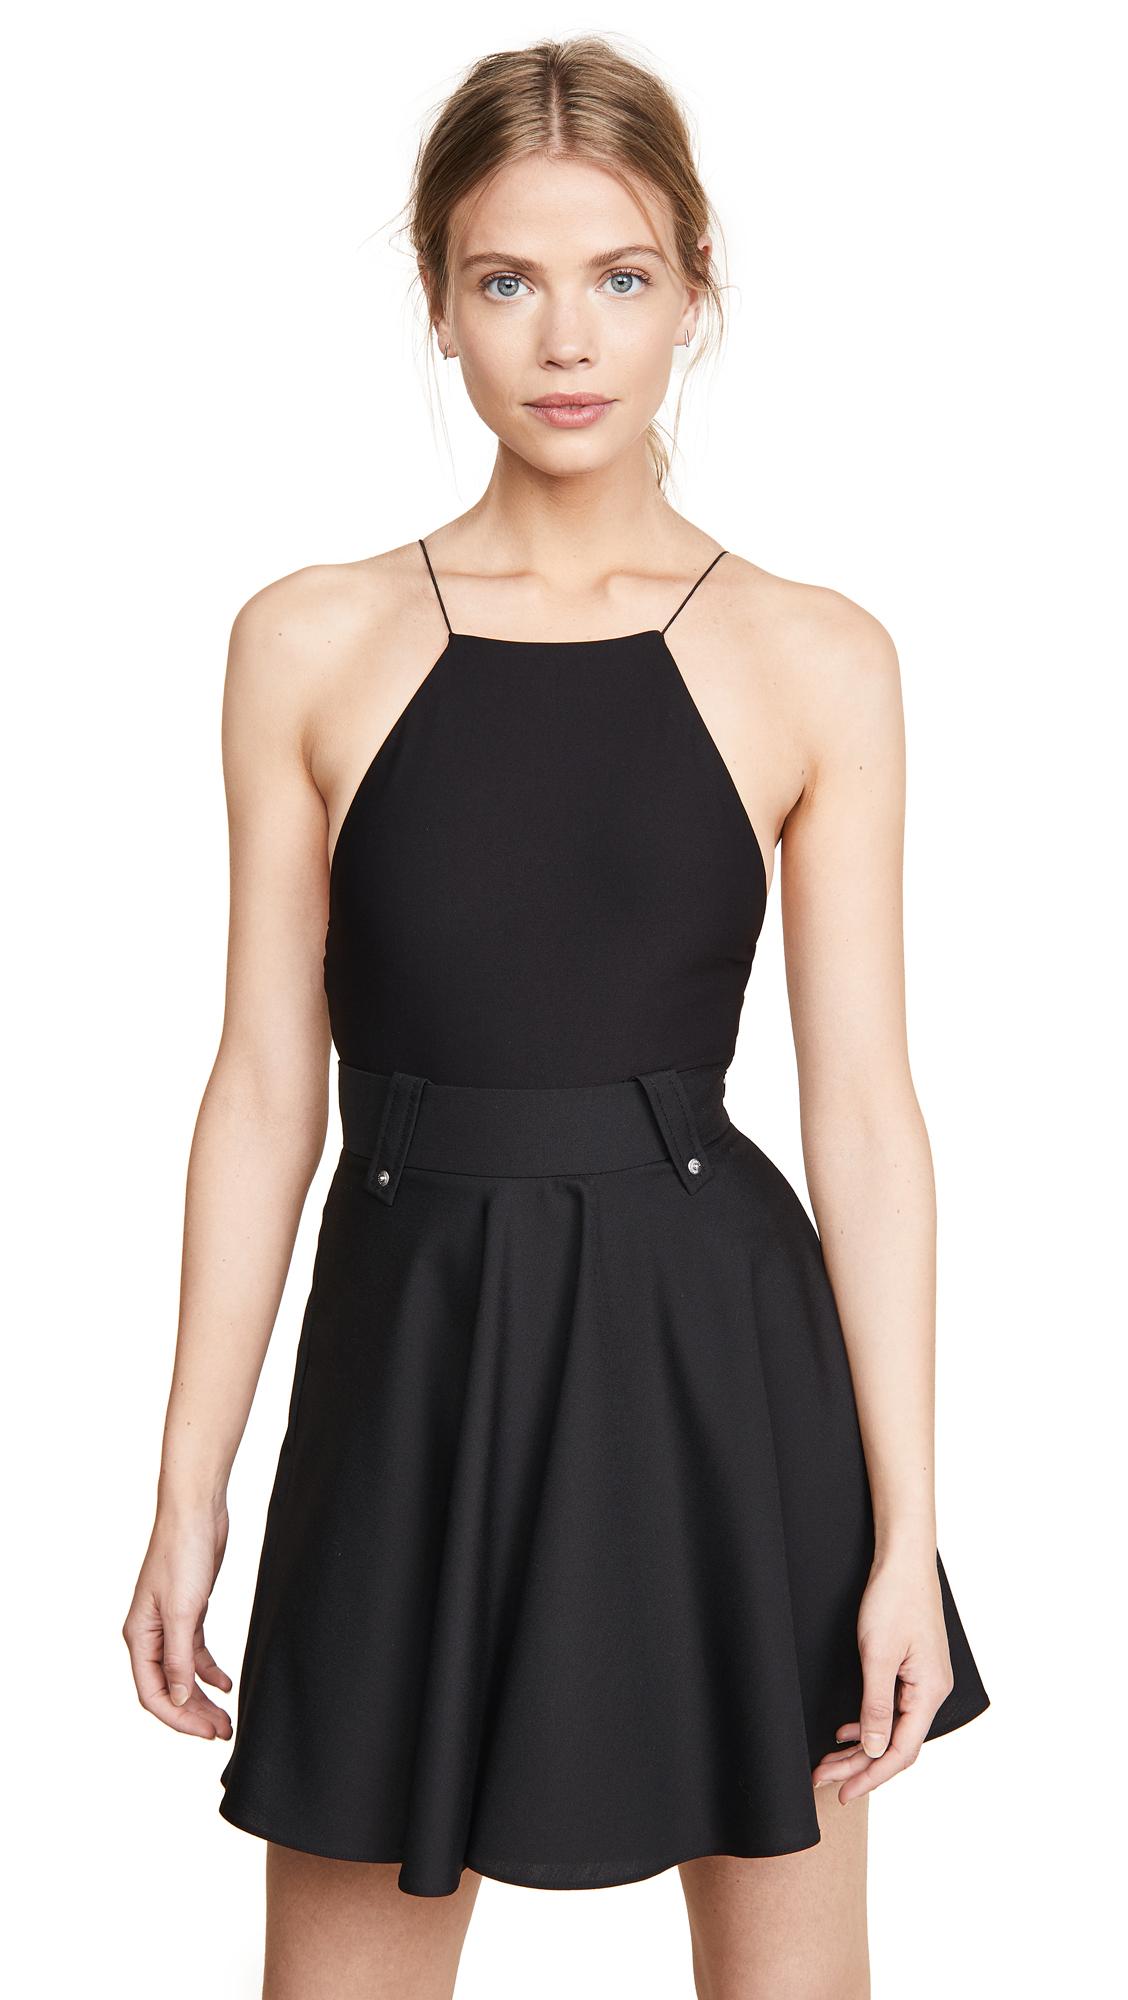 Alix Dyer Bodysuit In Black